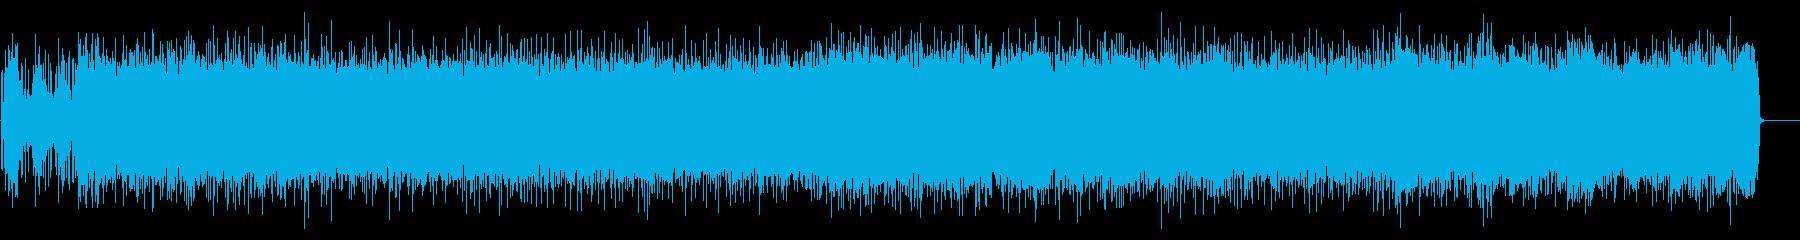 駆け抜けるハード・ロック(フルサイズ)の再生済みの波形